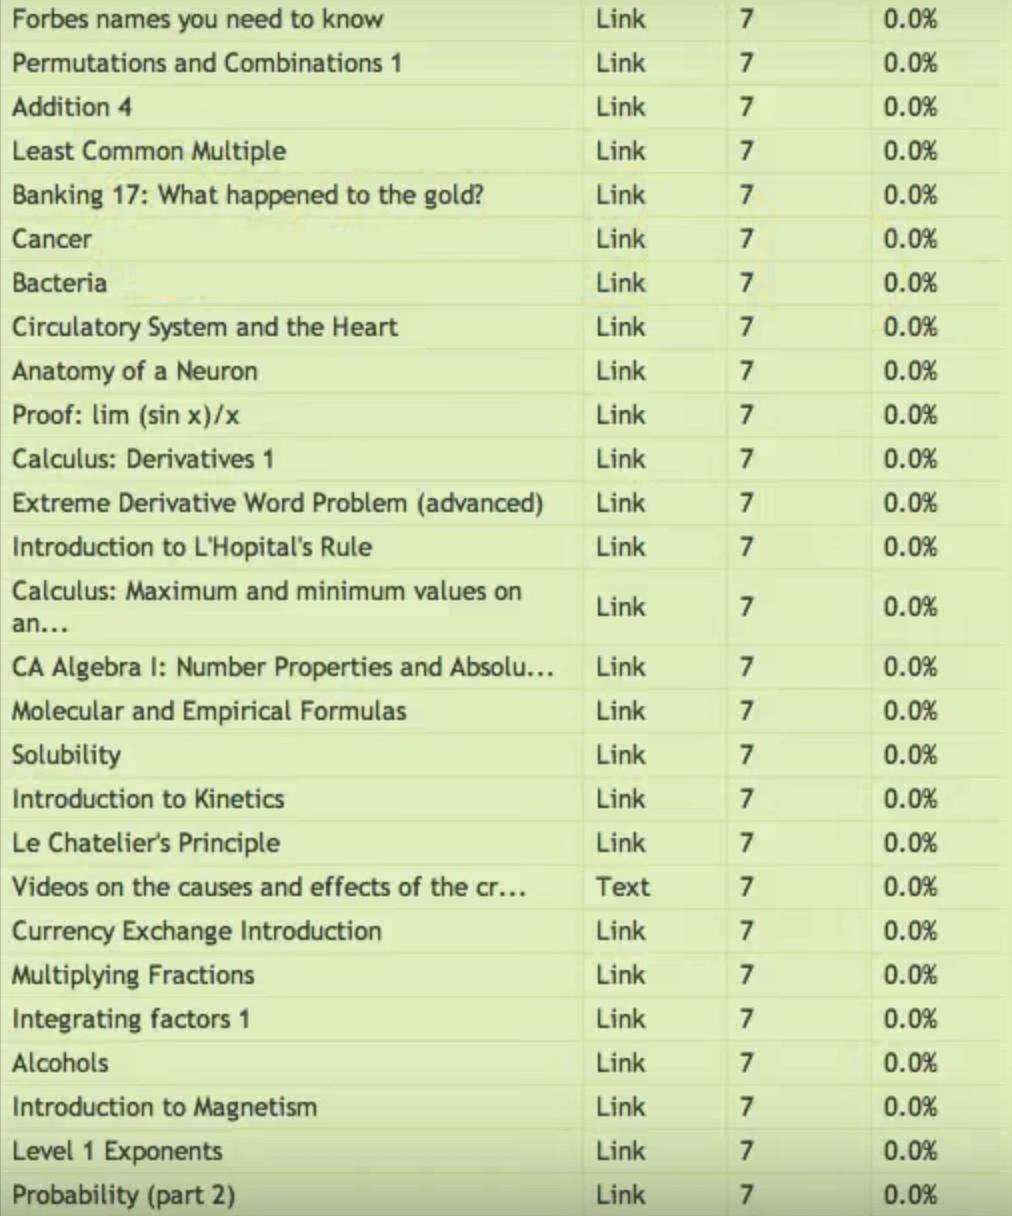 Scrollmap data